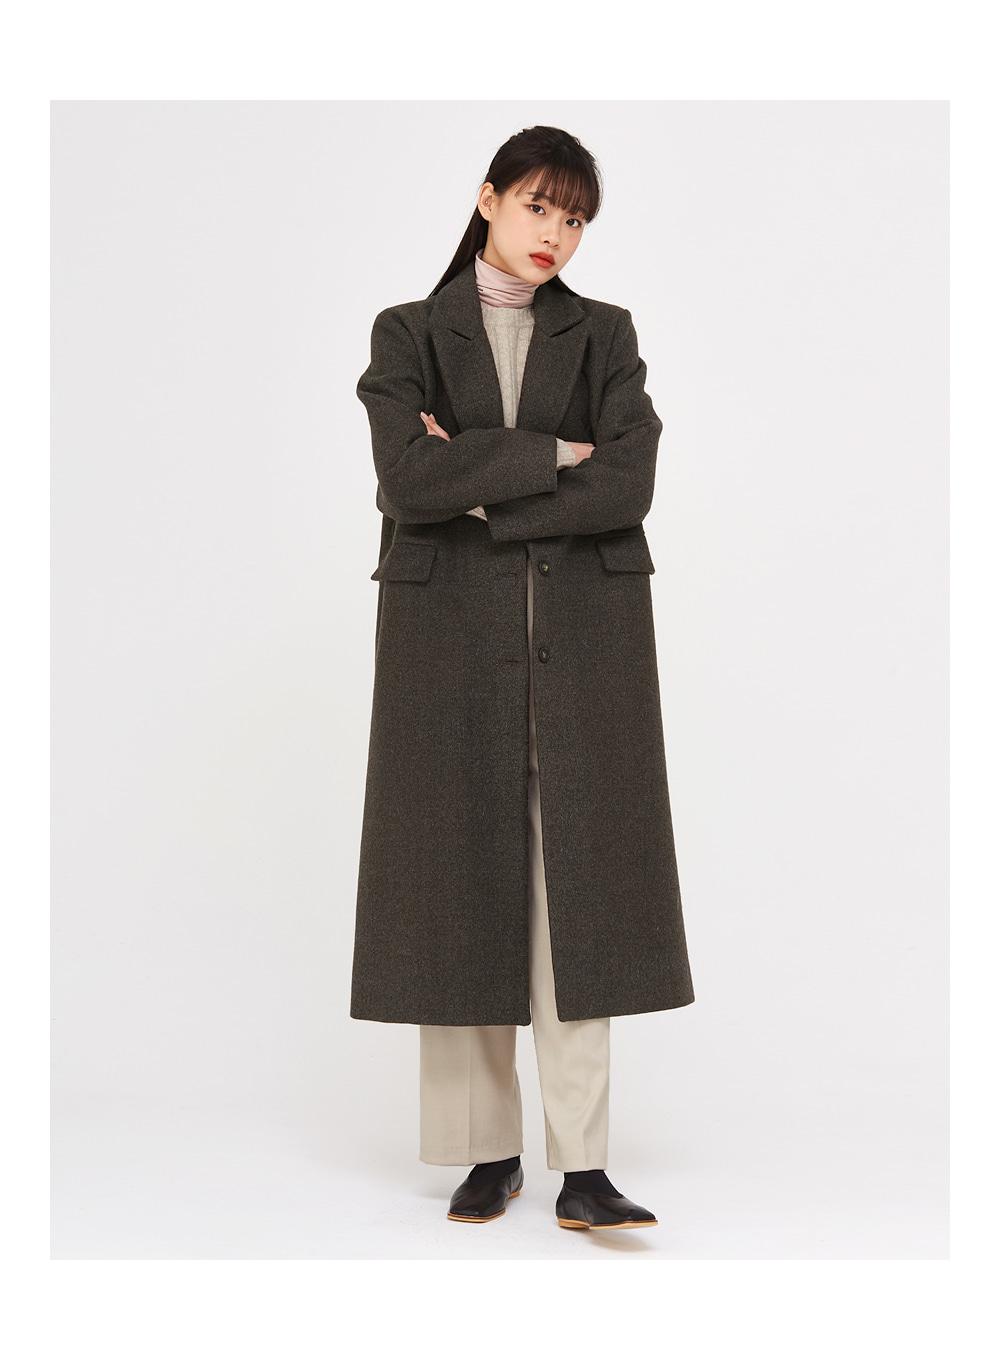 mend single long coat